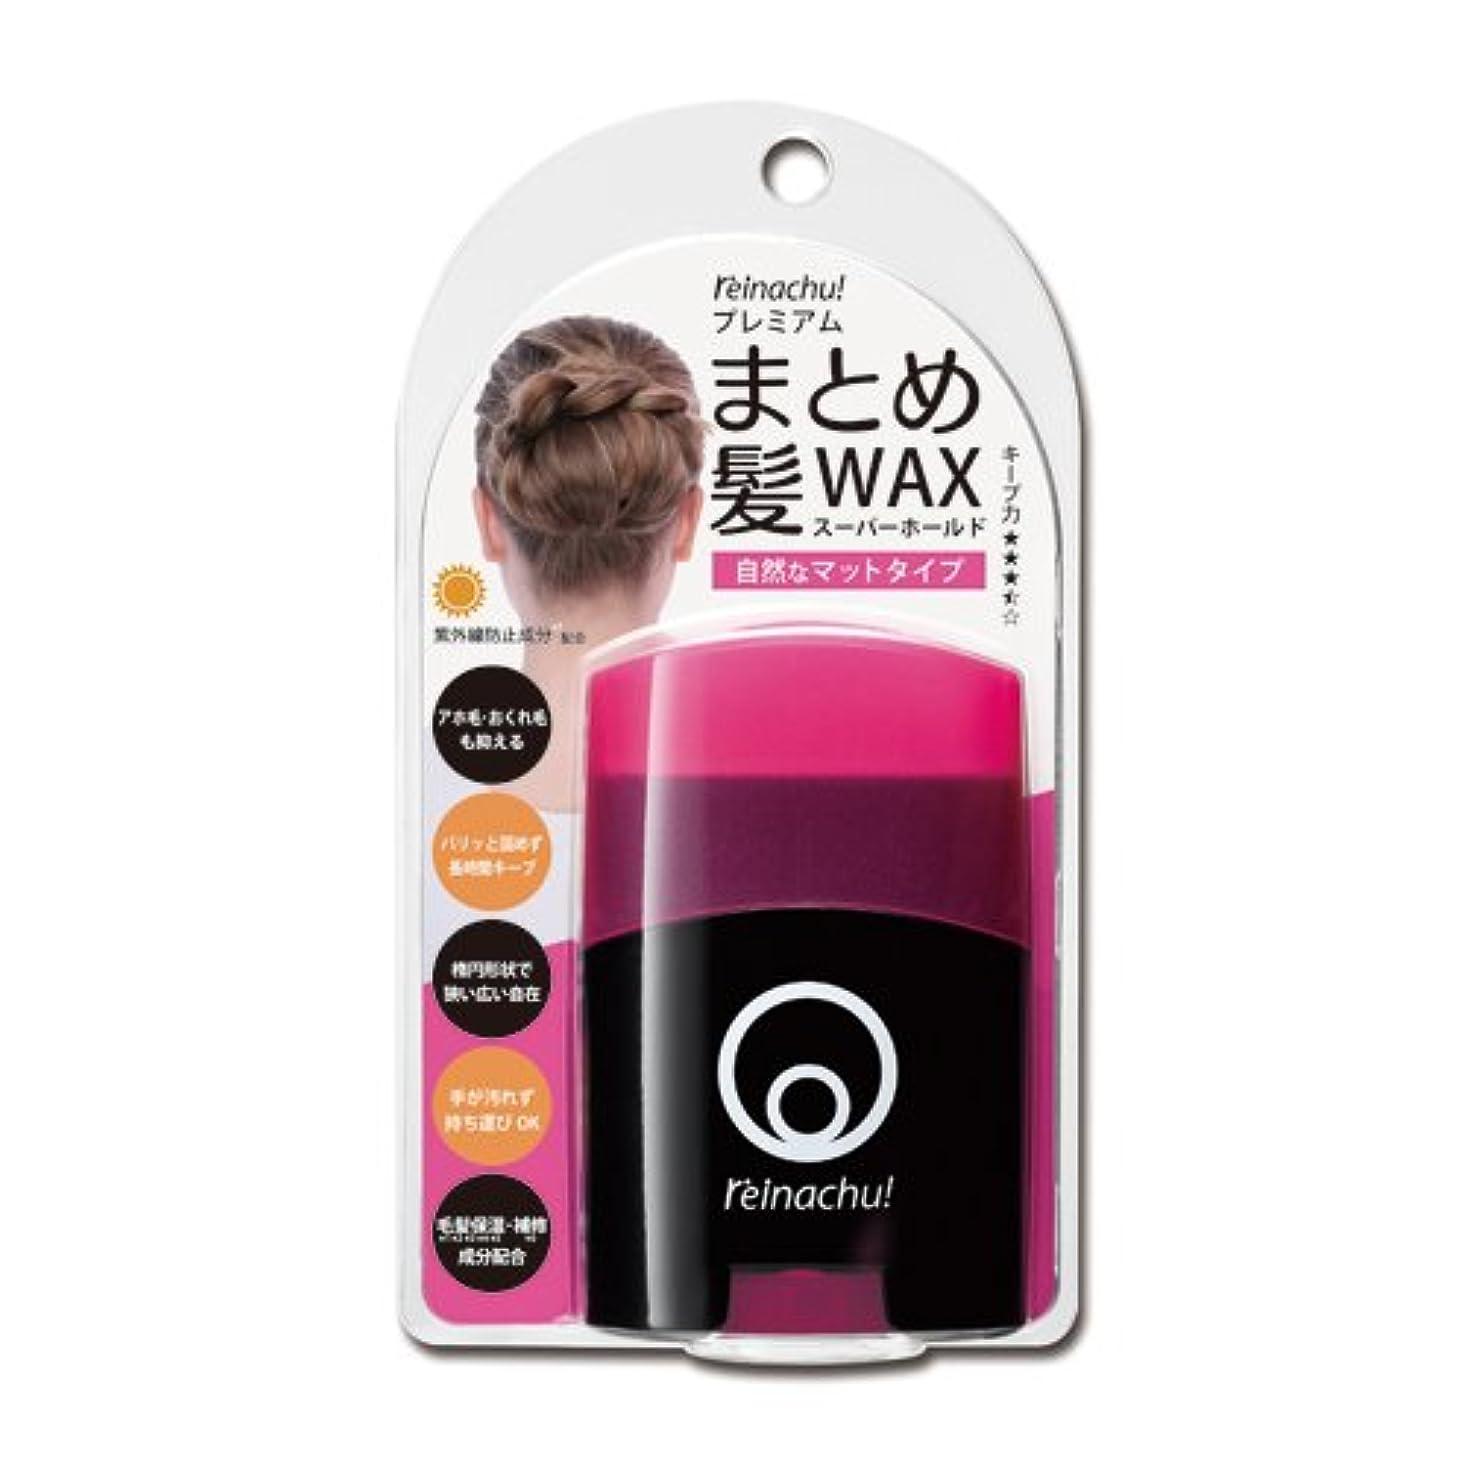 自動的に定説堂々たるレイナチュ プレミアムまとめ髪ワックスM 自然なマットタイプ